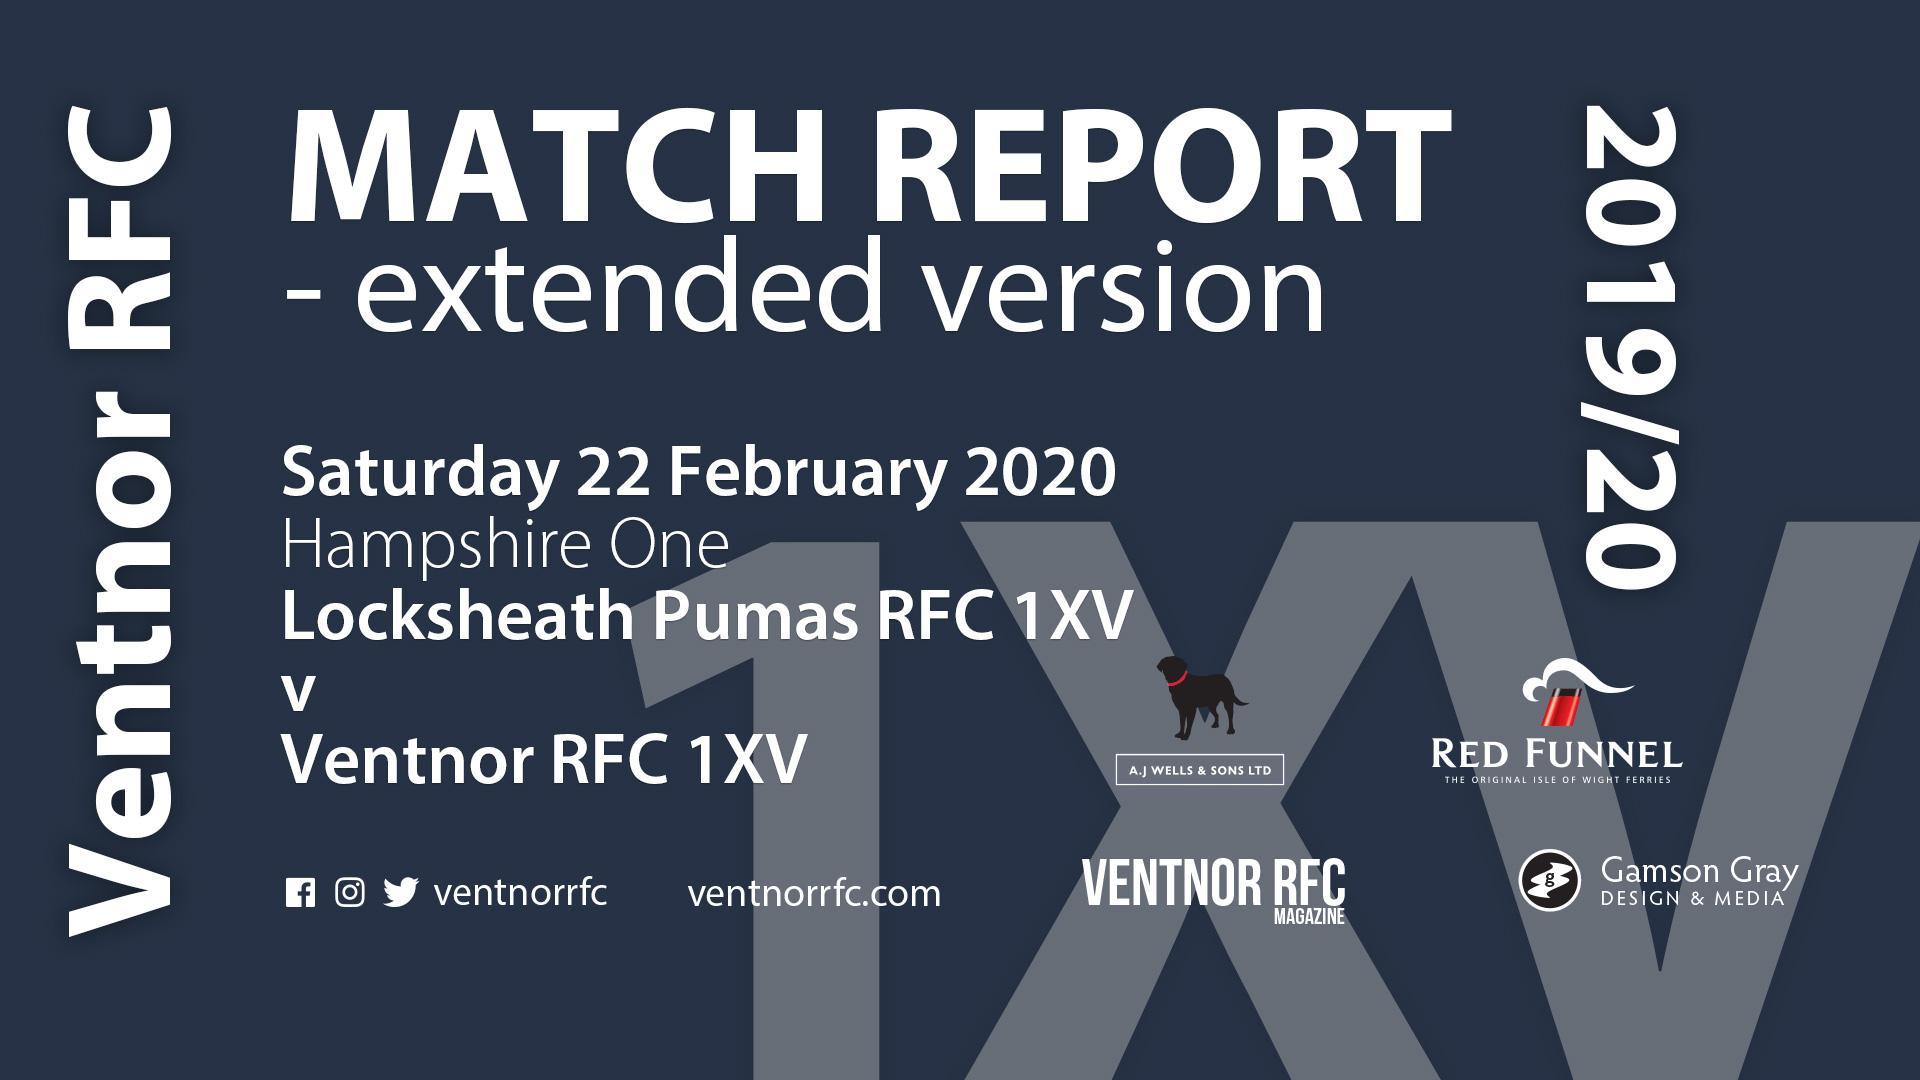 Locksheath-Pumas-RFC-1XV-22-14-Ventnor-RFC-1XV,-22-February-2020